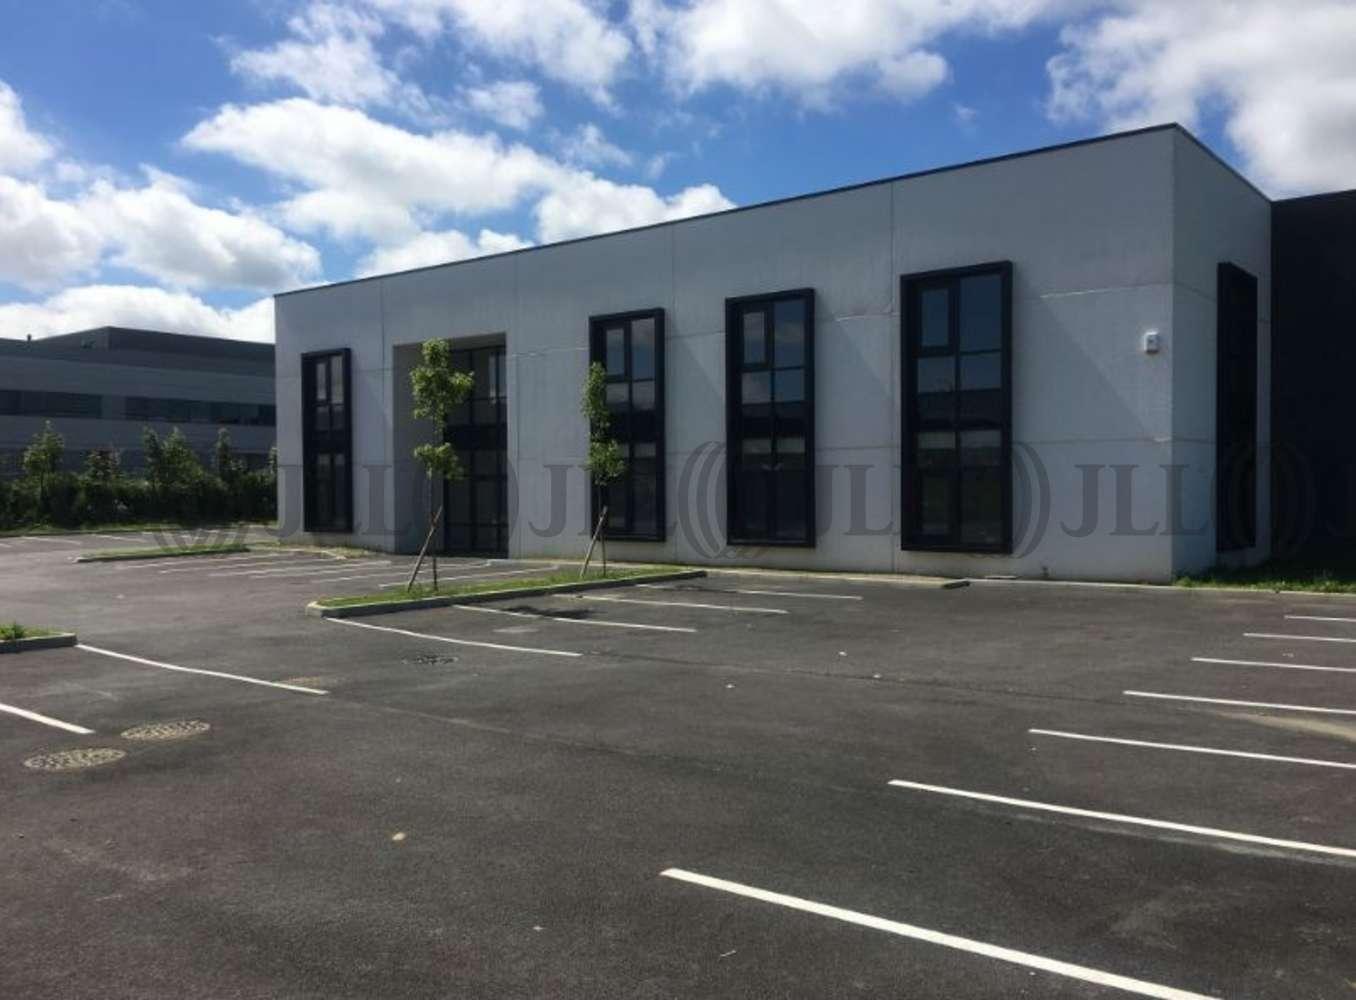 Activités/entrepôt Ferrieres en brie, 77164 - ZAC DU BEL AIR - 9461836